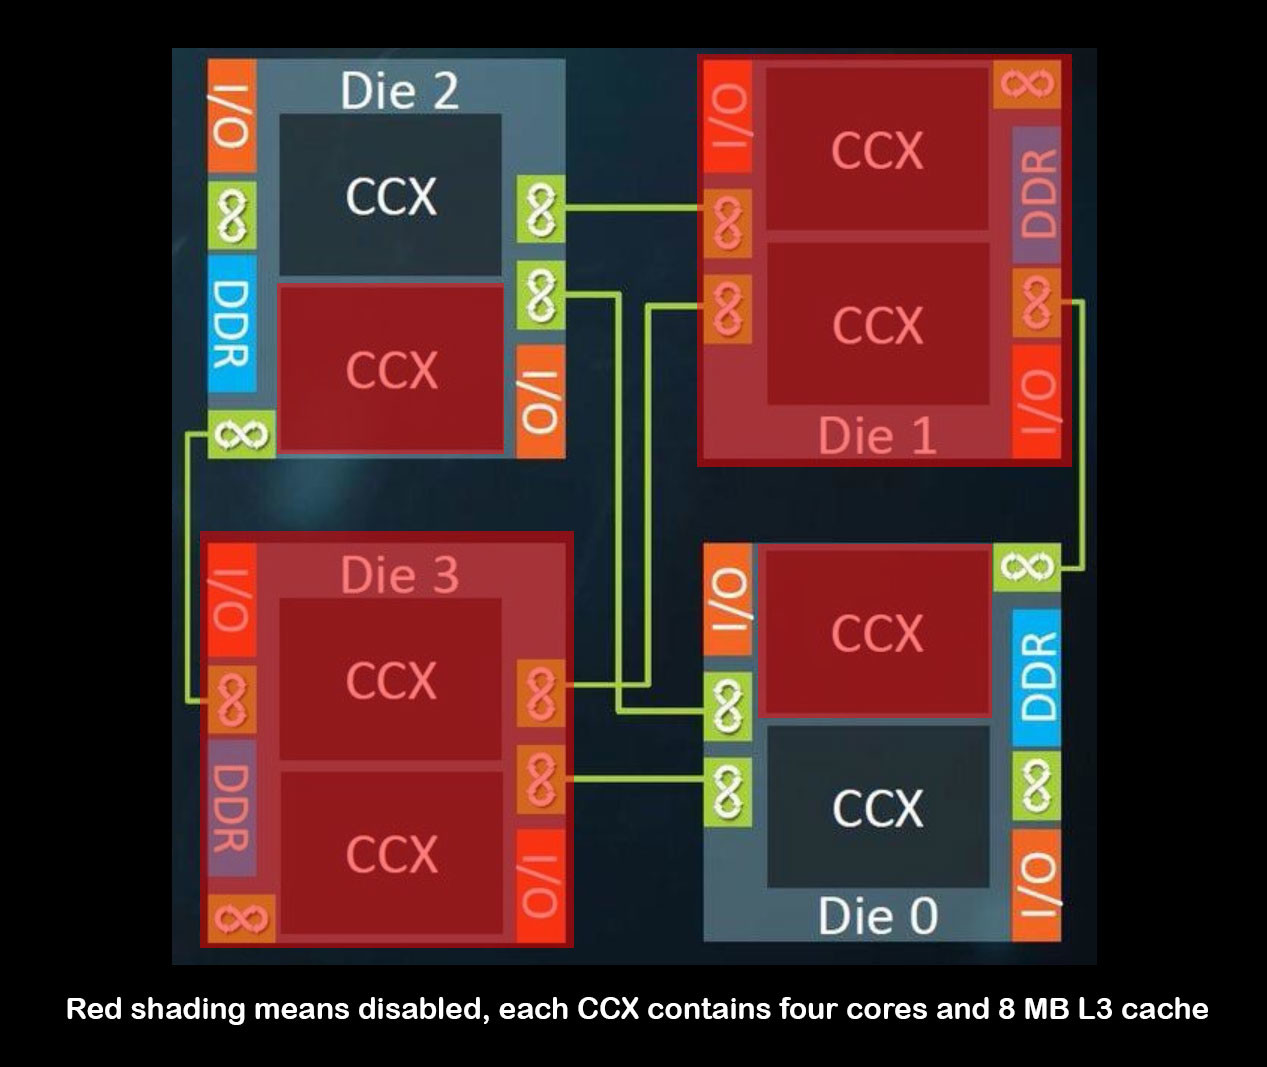 AMD Ryzen Threadripper 1900X Core Configuration Detailed | TechPowerUp